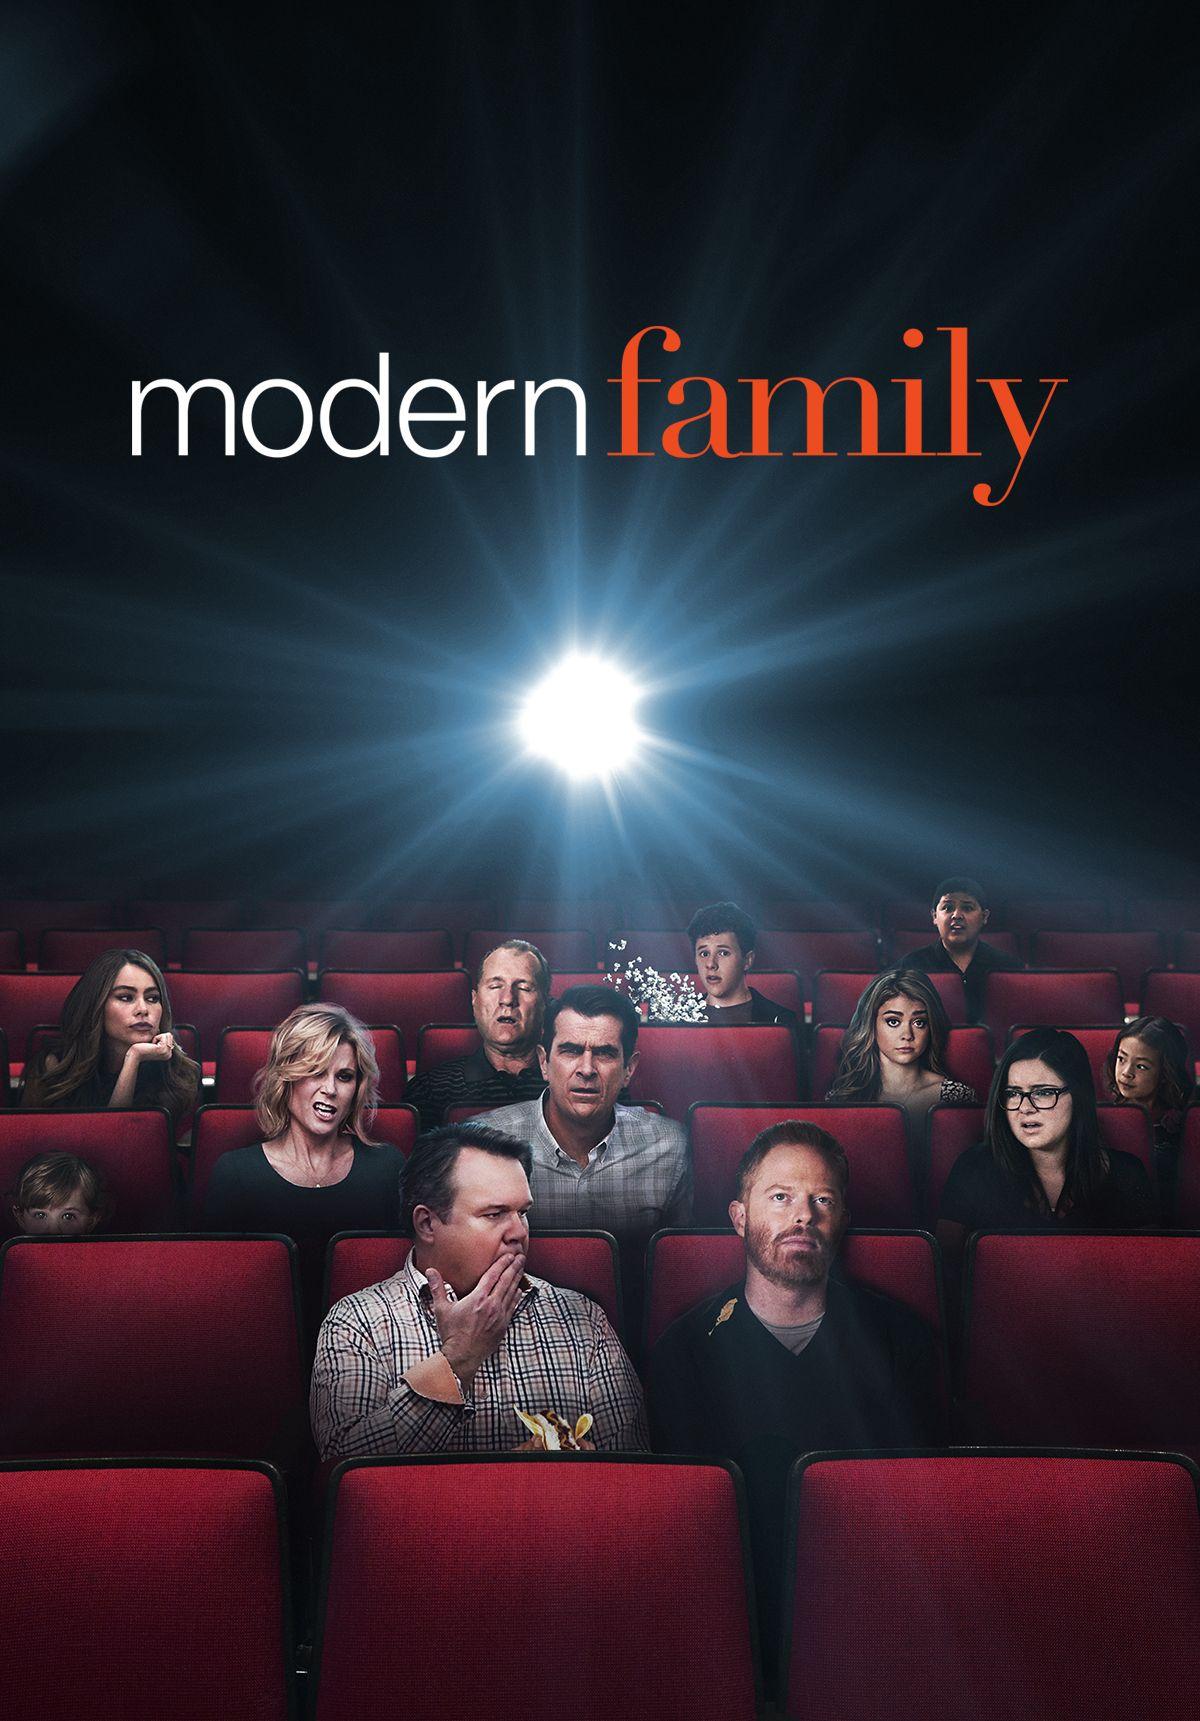 Modern Family Modern Family Funny Modern Family Tv Show Modern Family